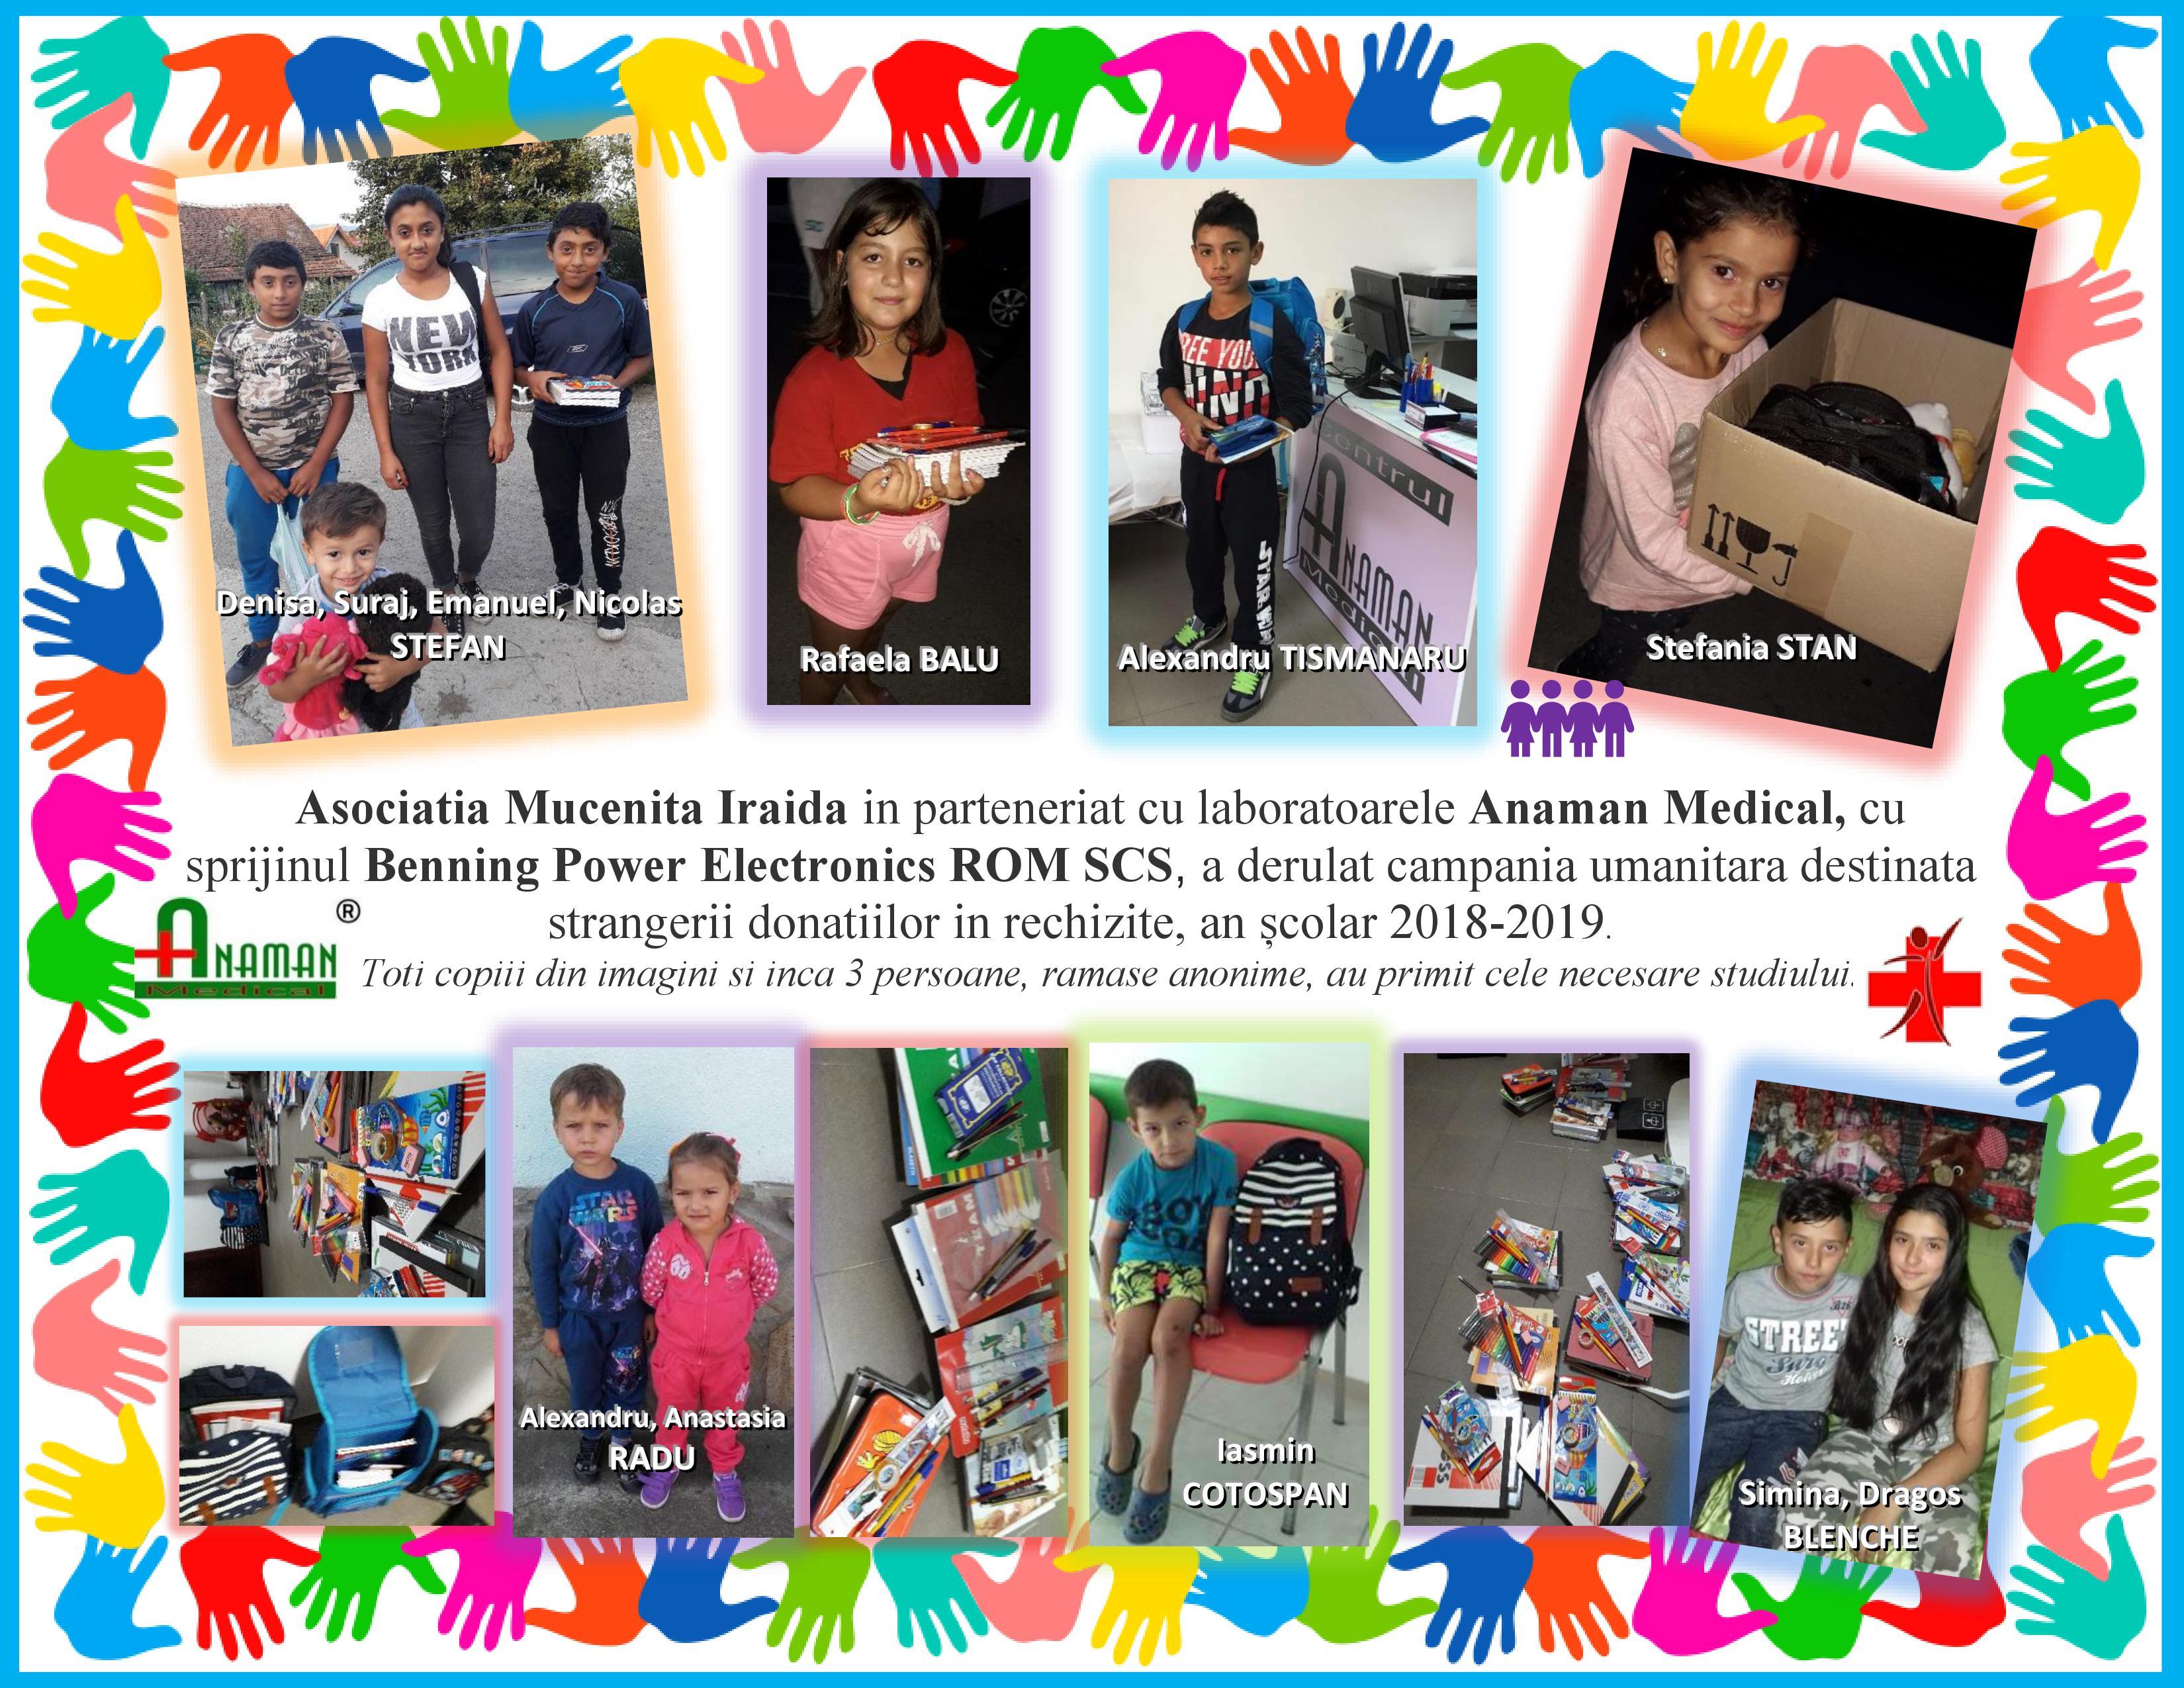 Campanie umanitara destinata strangerii donatiilor in rechizite, an scolar 2018-2019.